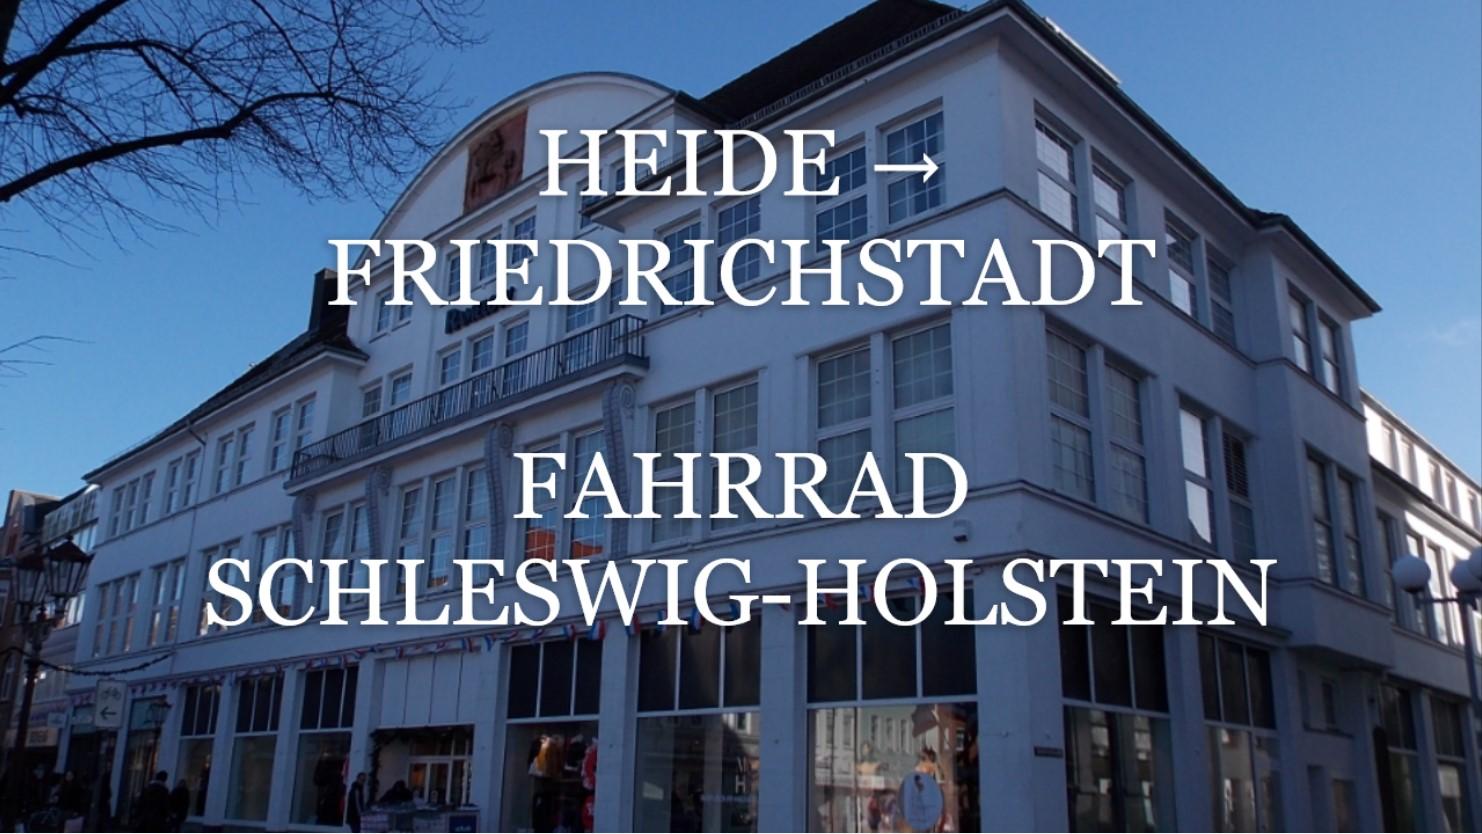 Heide Friedrichstadt